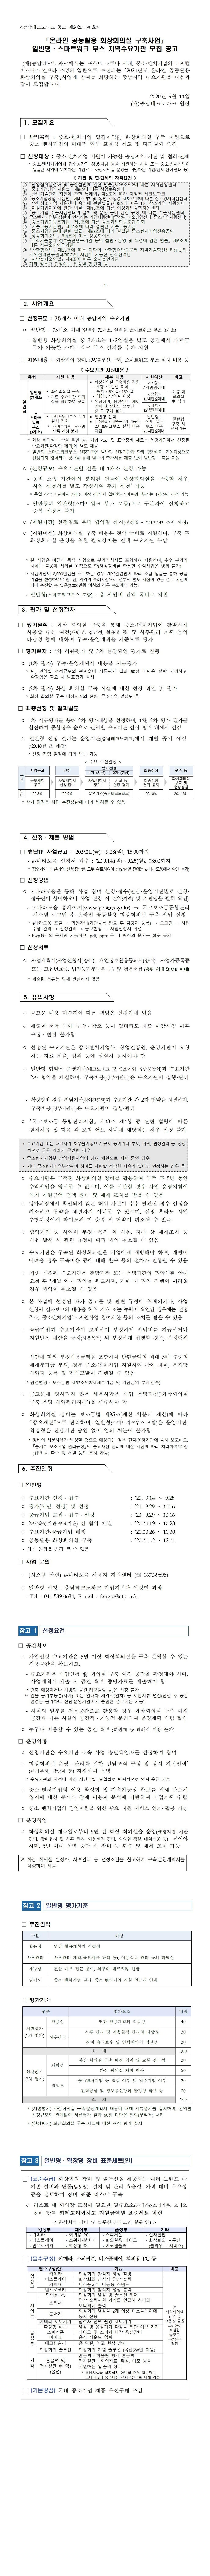 충남TP 온라인 공동활용 화상회의실 구축사업 수요기관 모집 공고.jpg